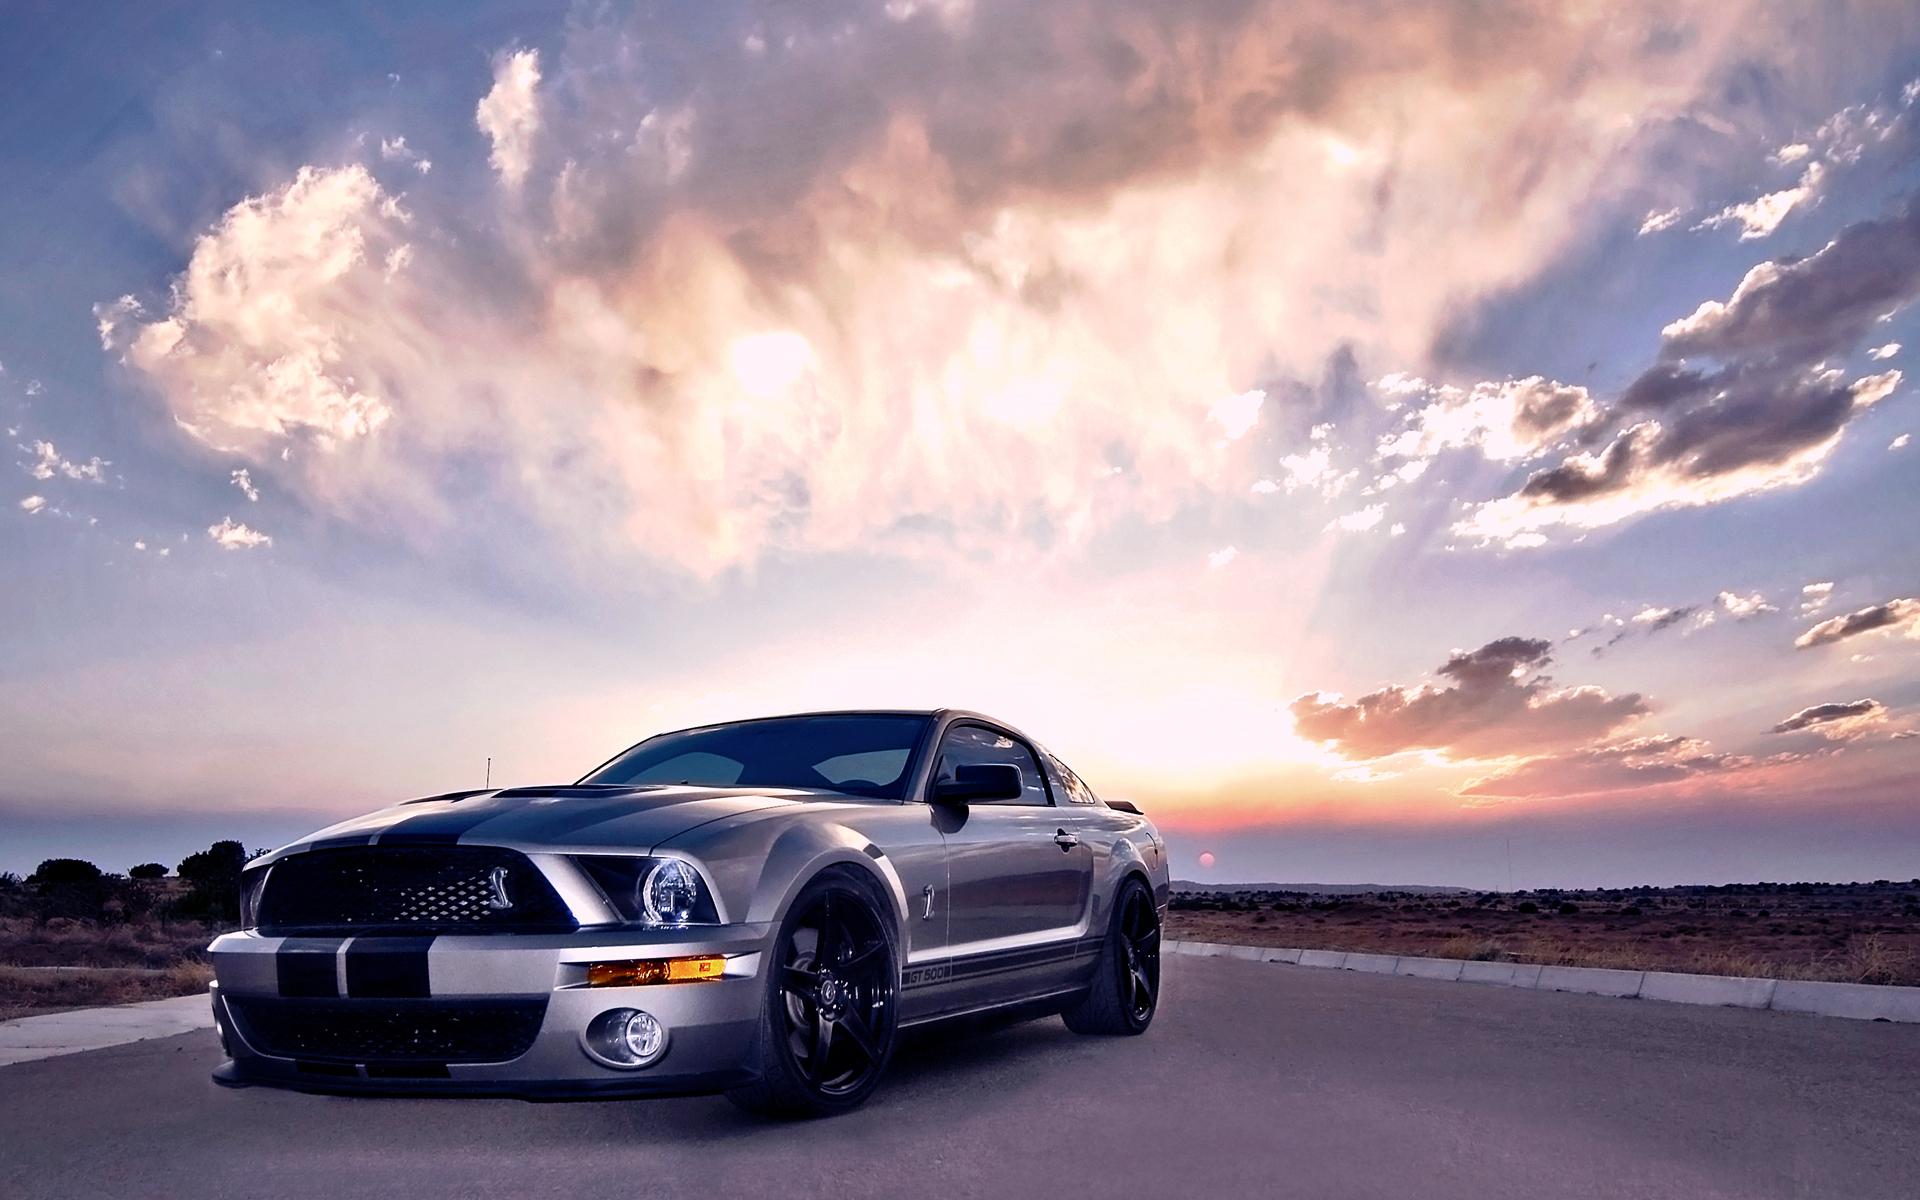 Ford Mustang Cobra Wallpaper - WallpaperSafari